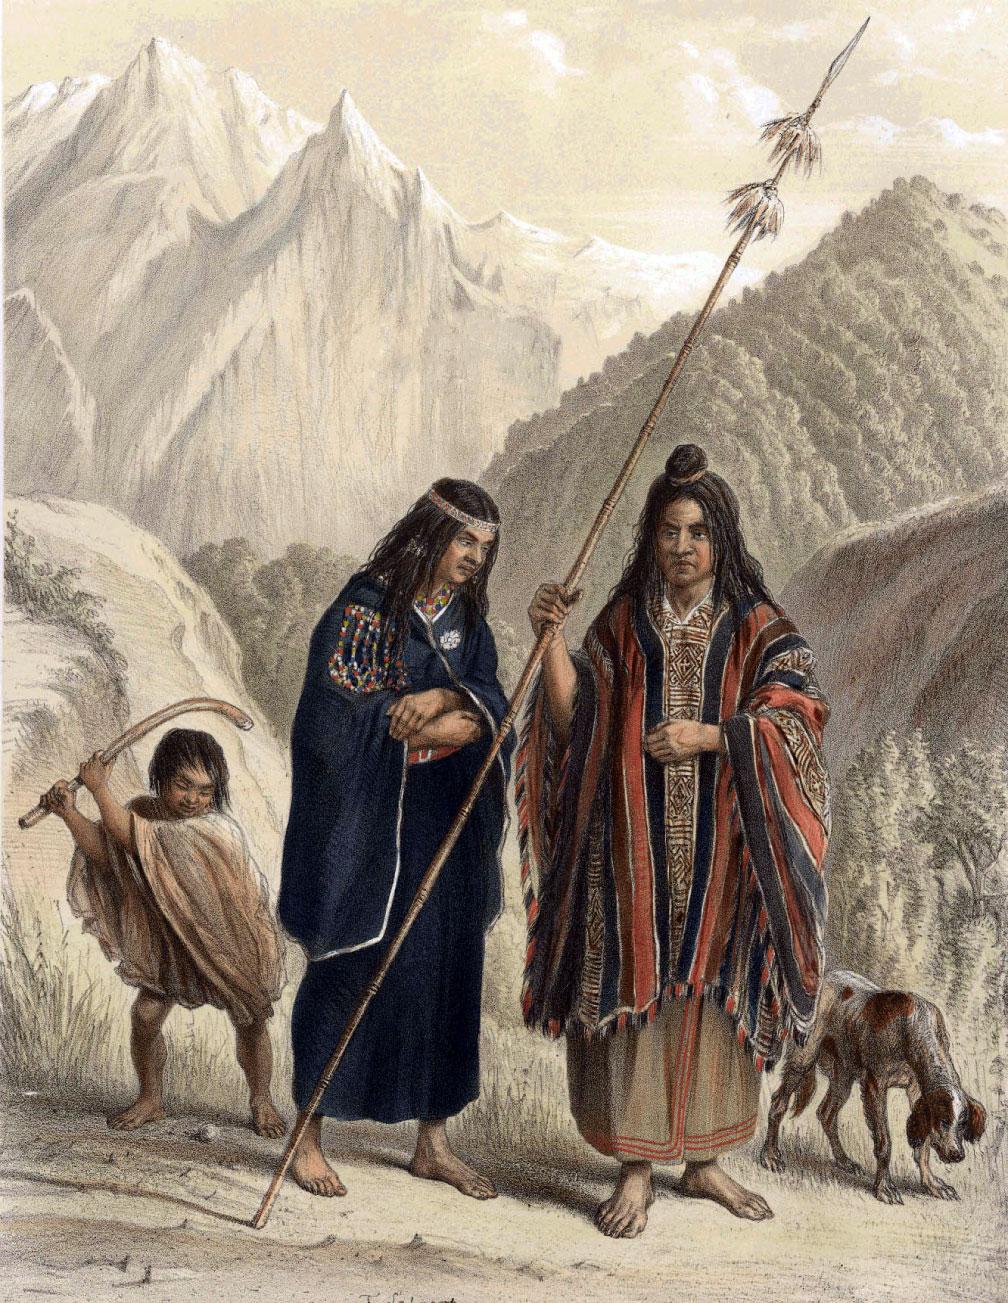 Cultura Araucana e os Araucanos